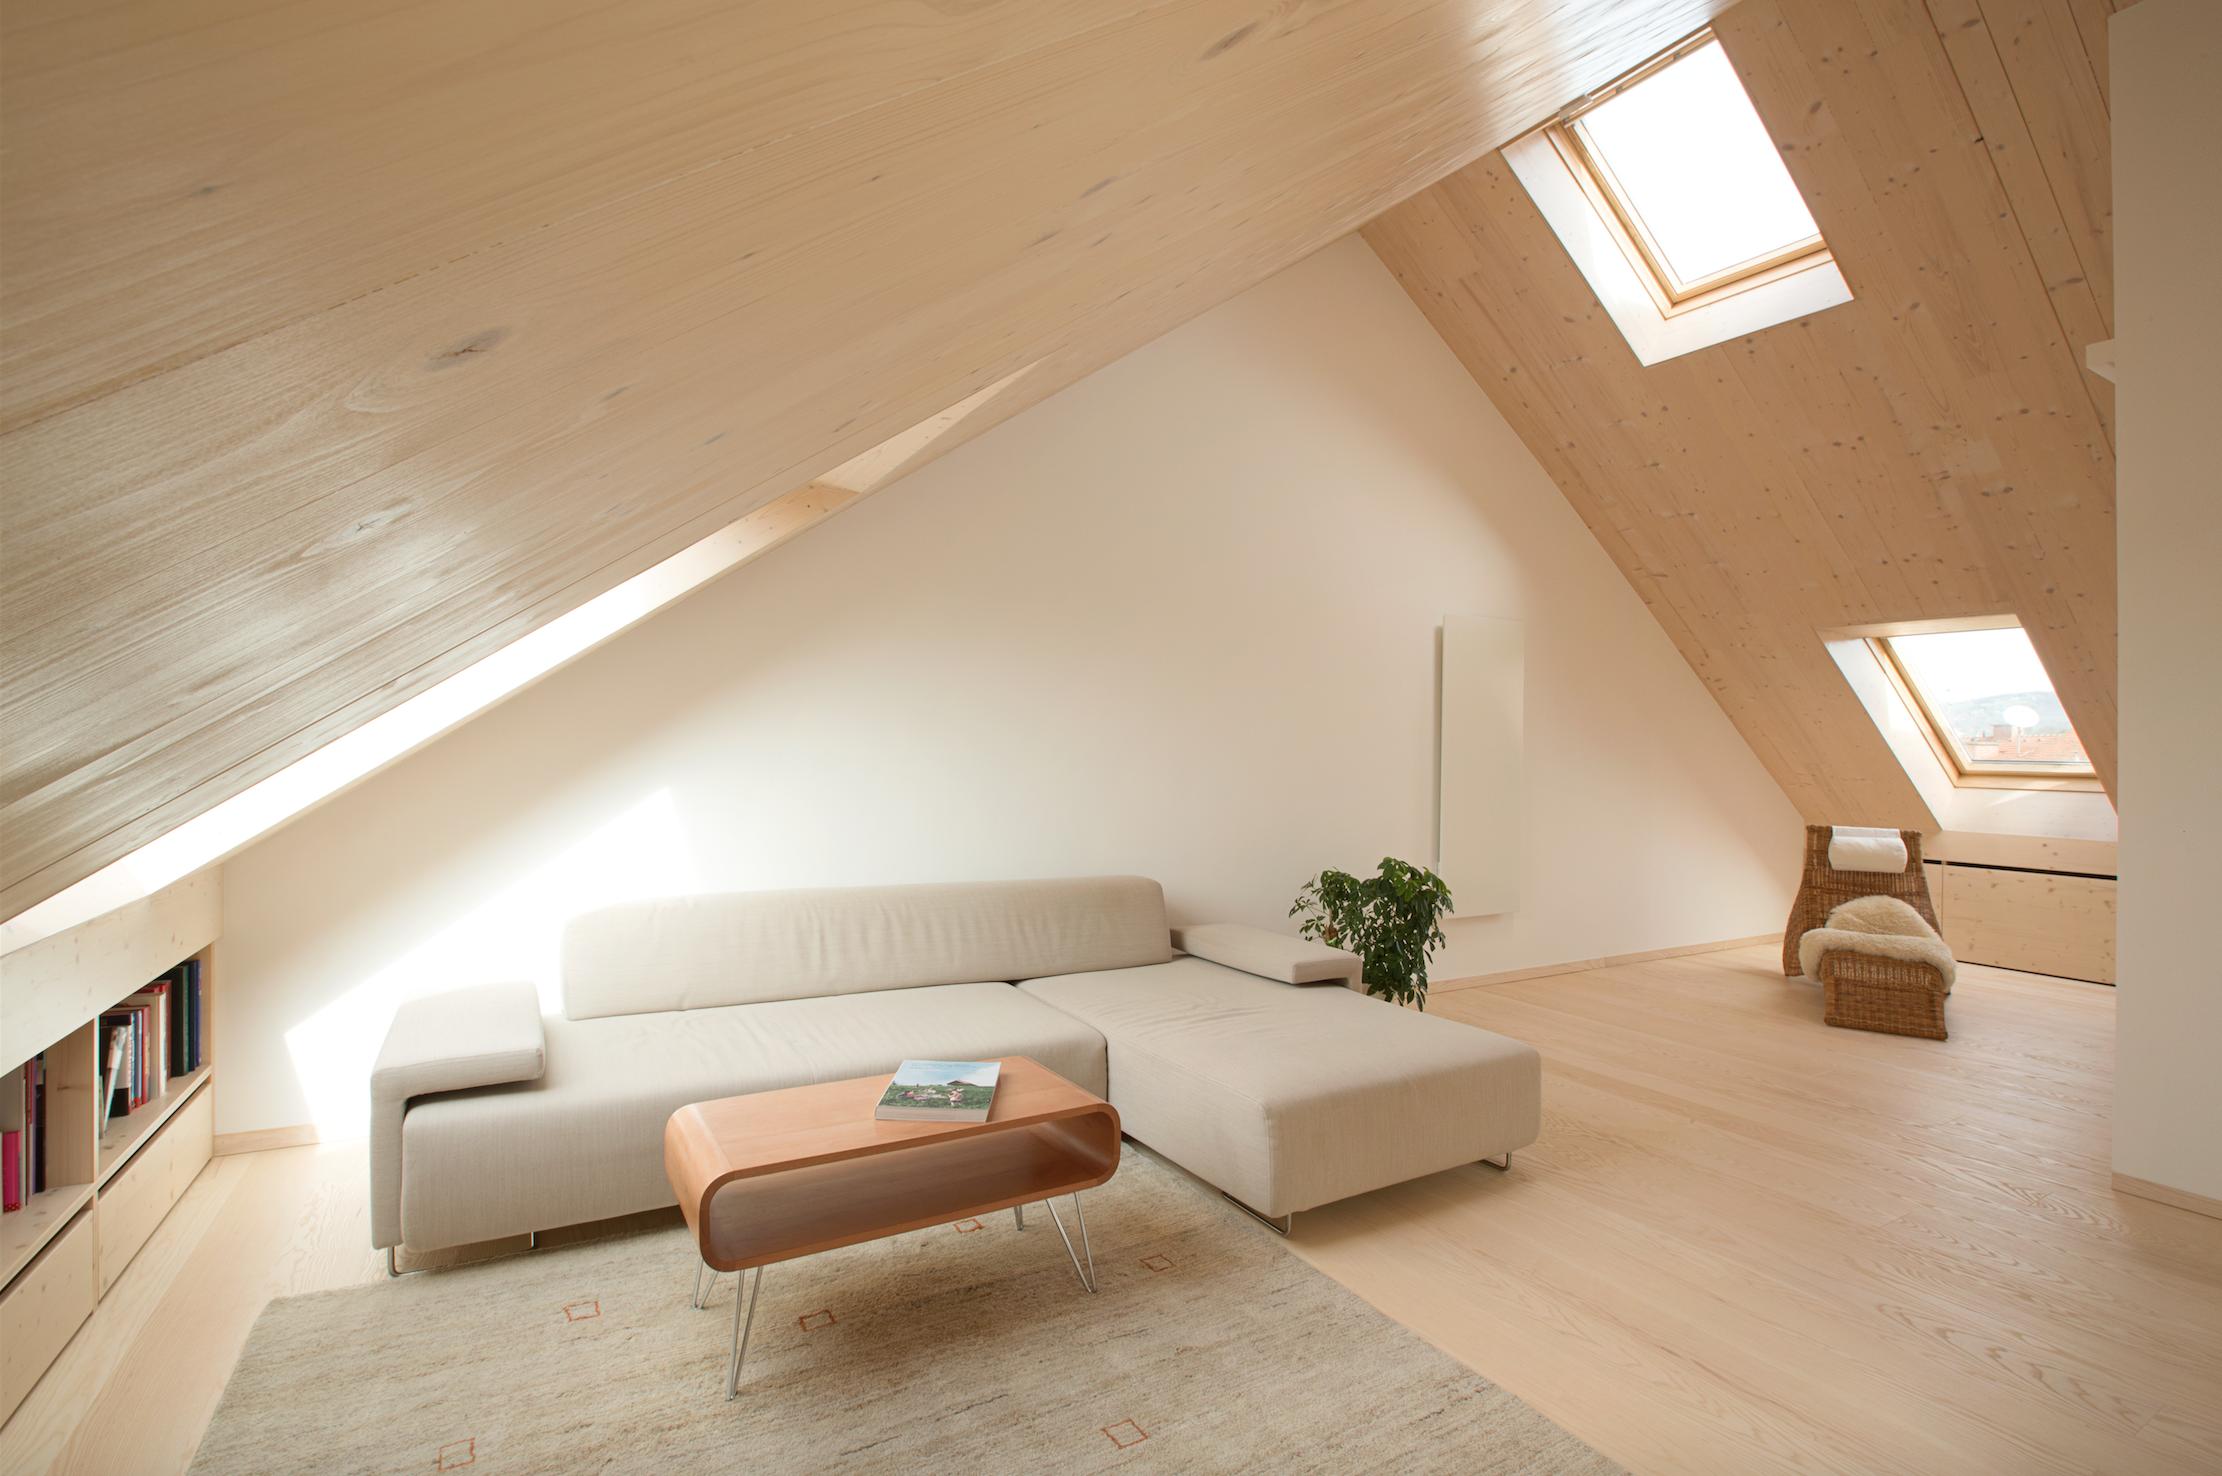 Wohnraum erhellt durch velux dachflächenfenster interni nel